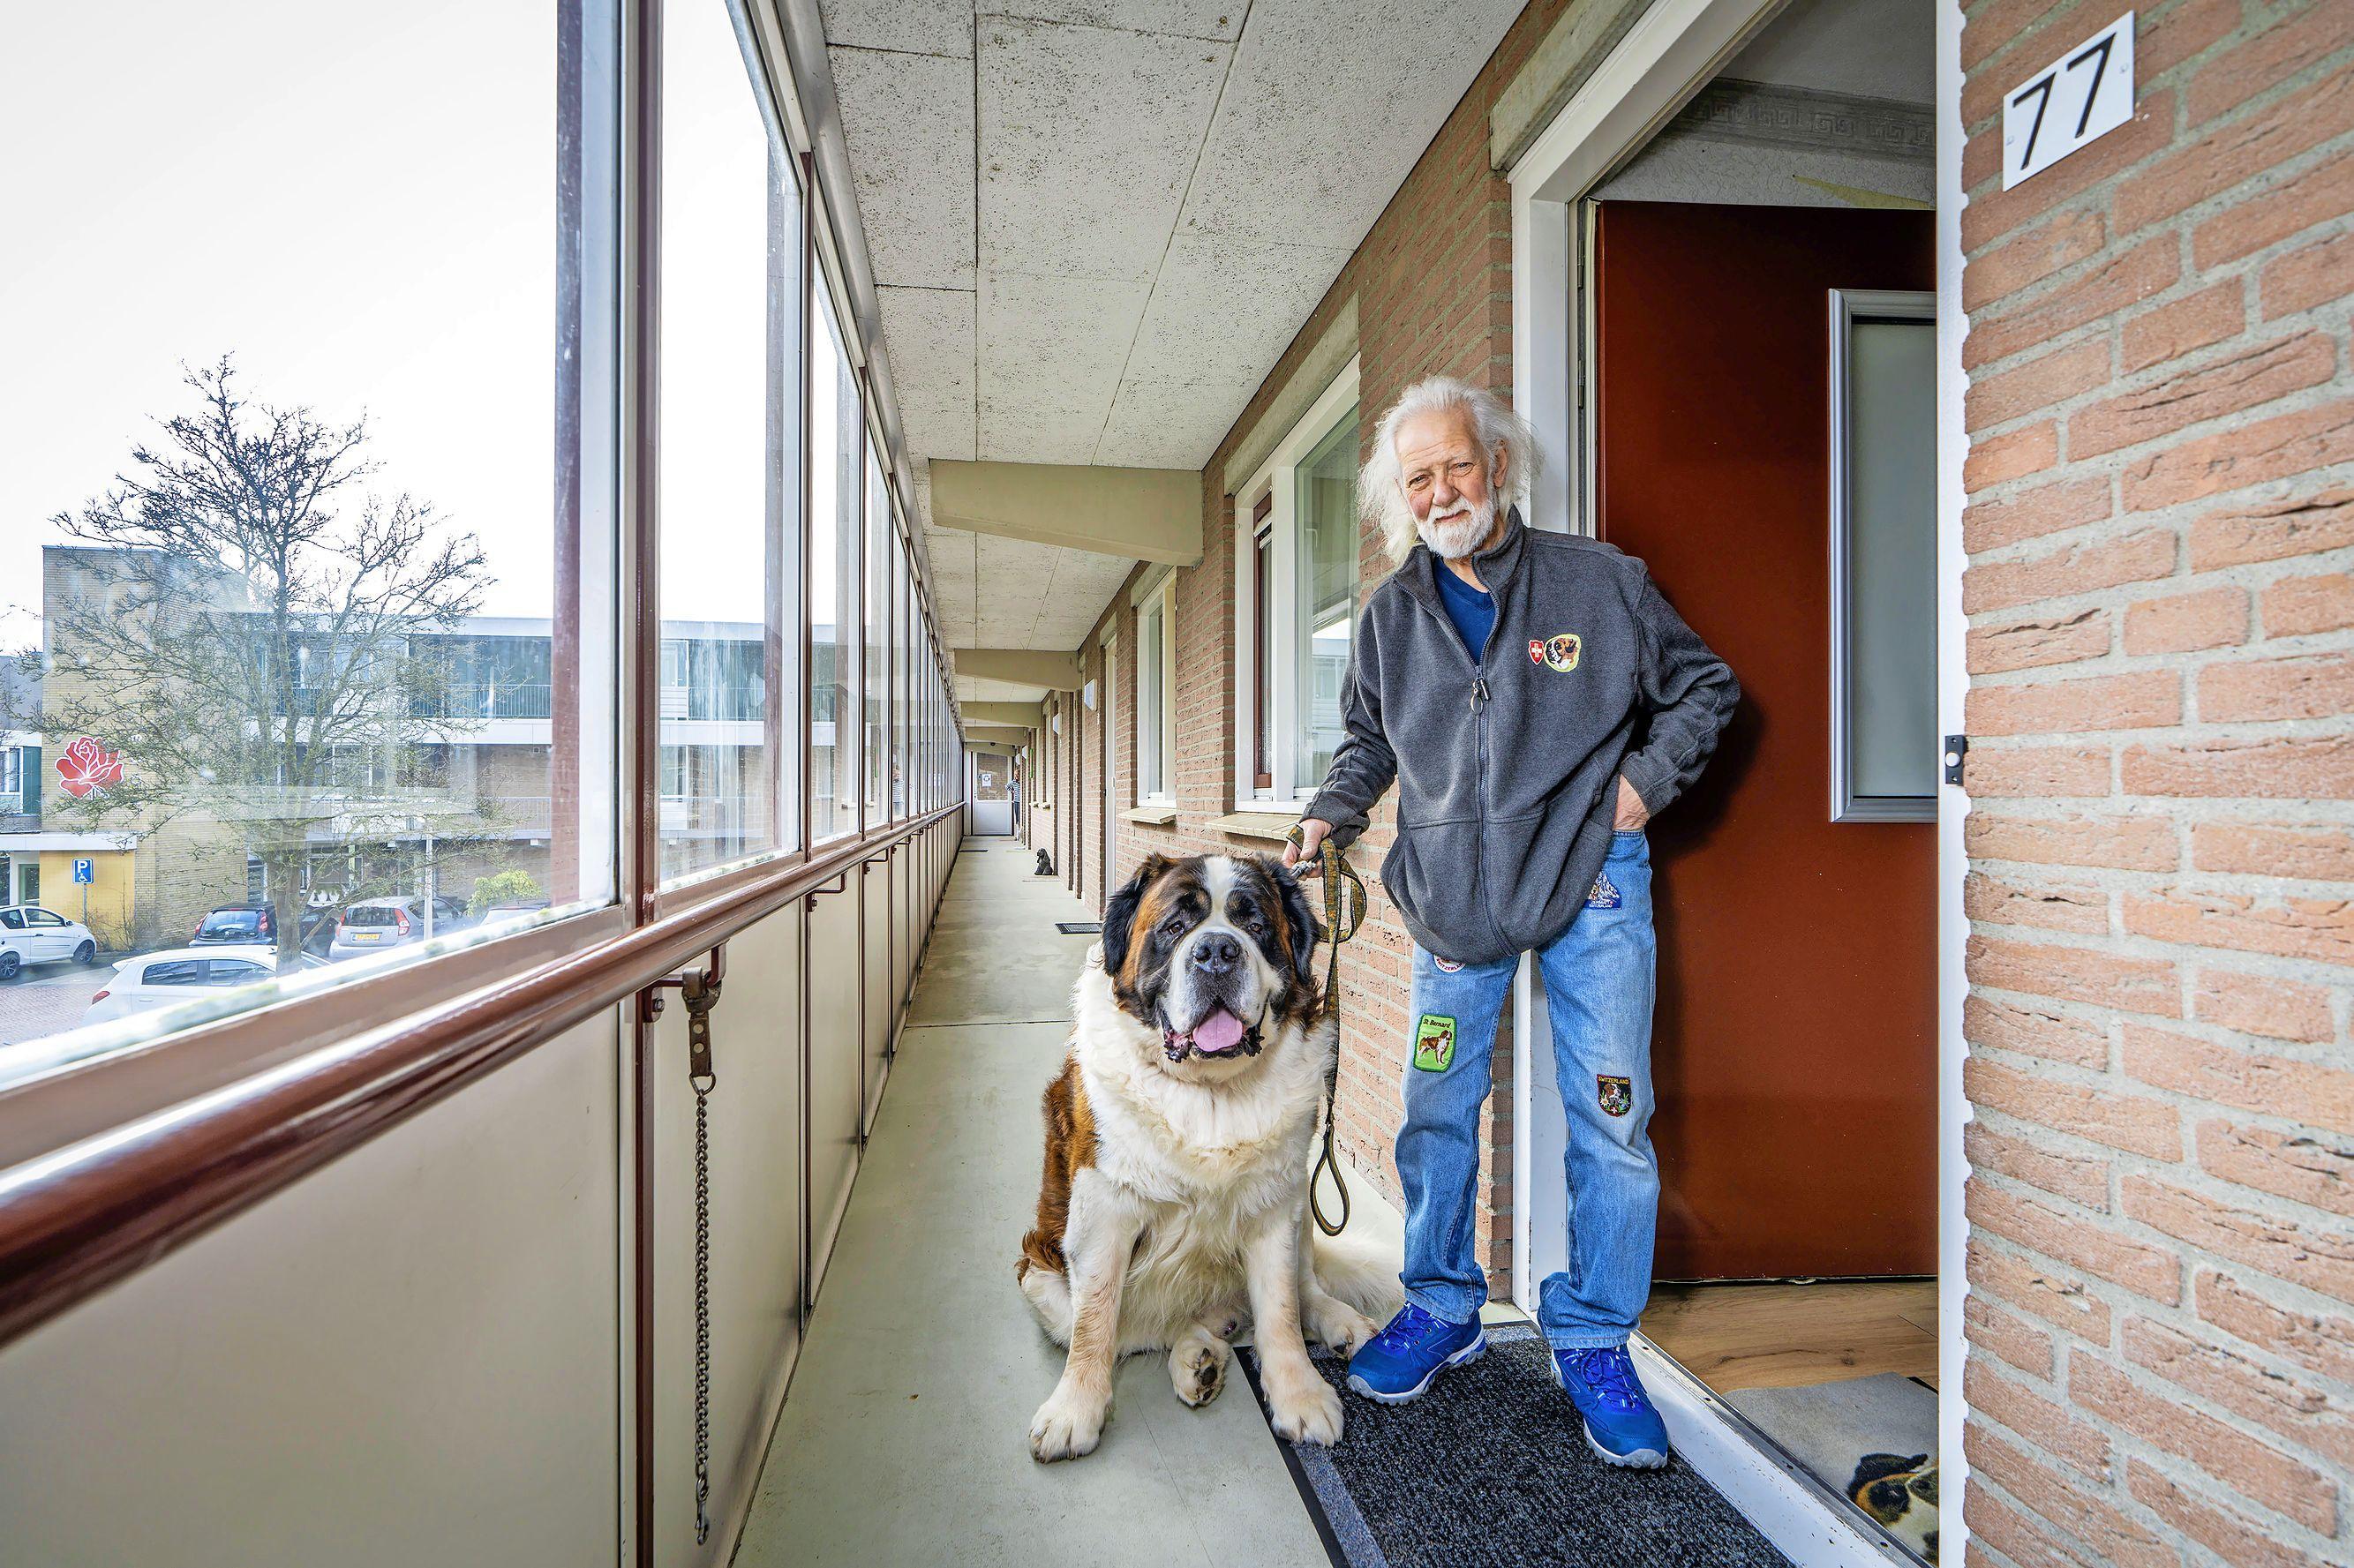 'Ik weet niet waar ik naartoe moet': woningcorporatie Stek zet 76-jarige Dick Dronkert op straat